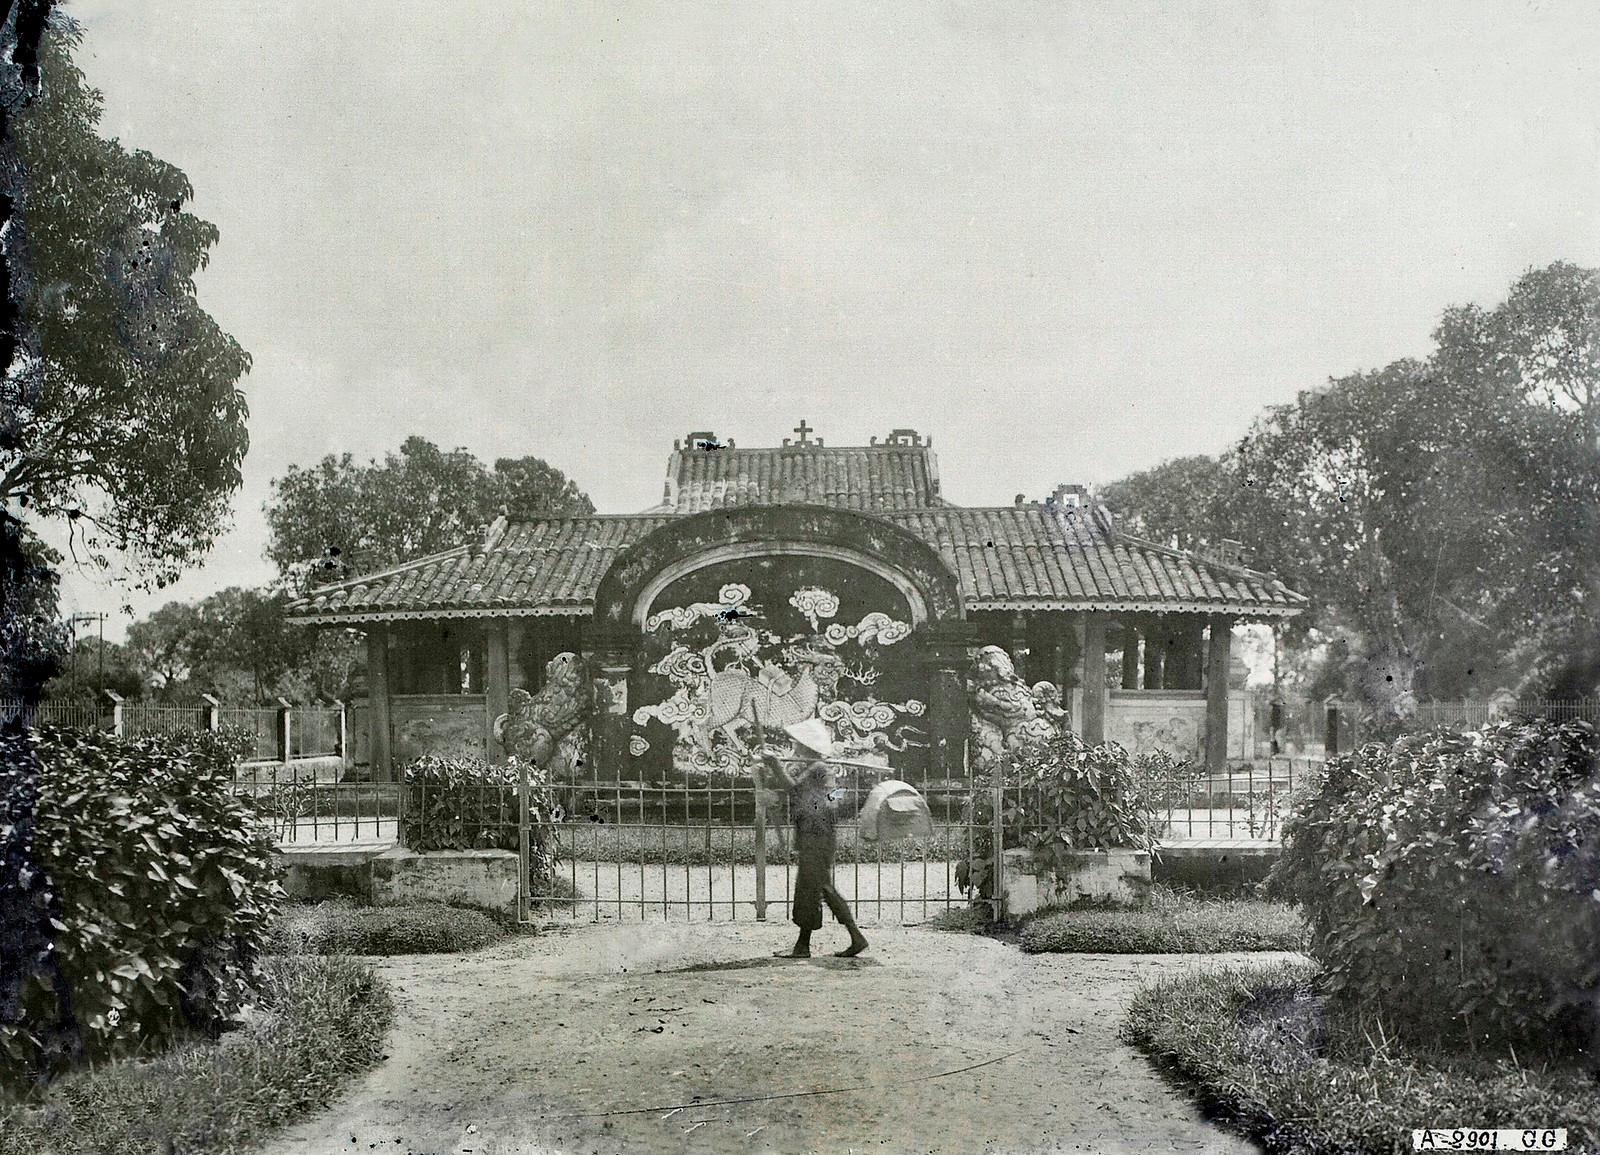 Chùm ảnh: Khám phá lăng Cha Cả ở Sài Gòn thập niên 1920